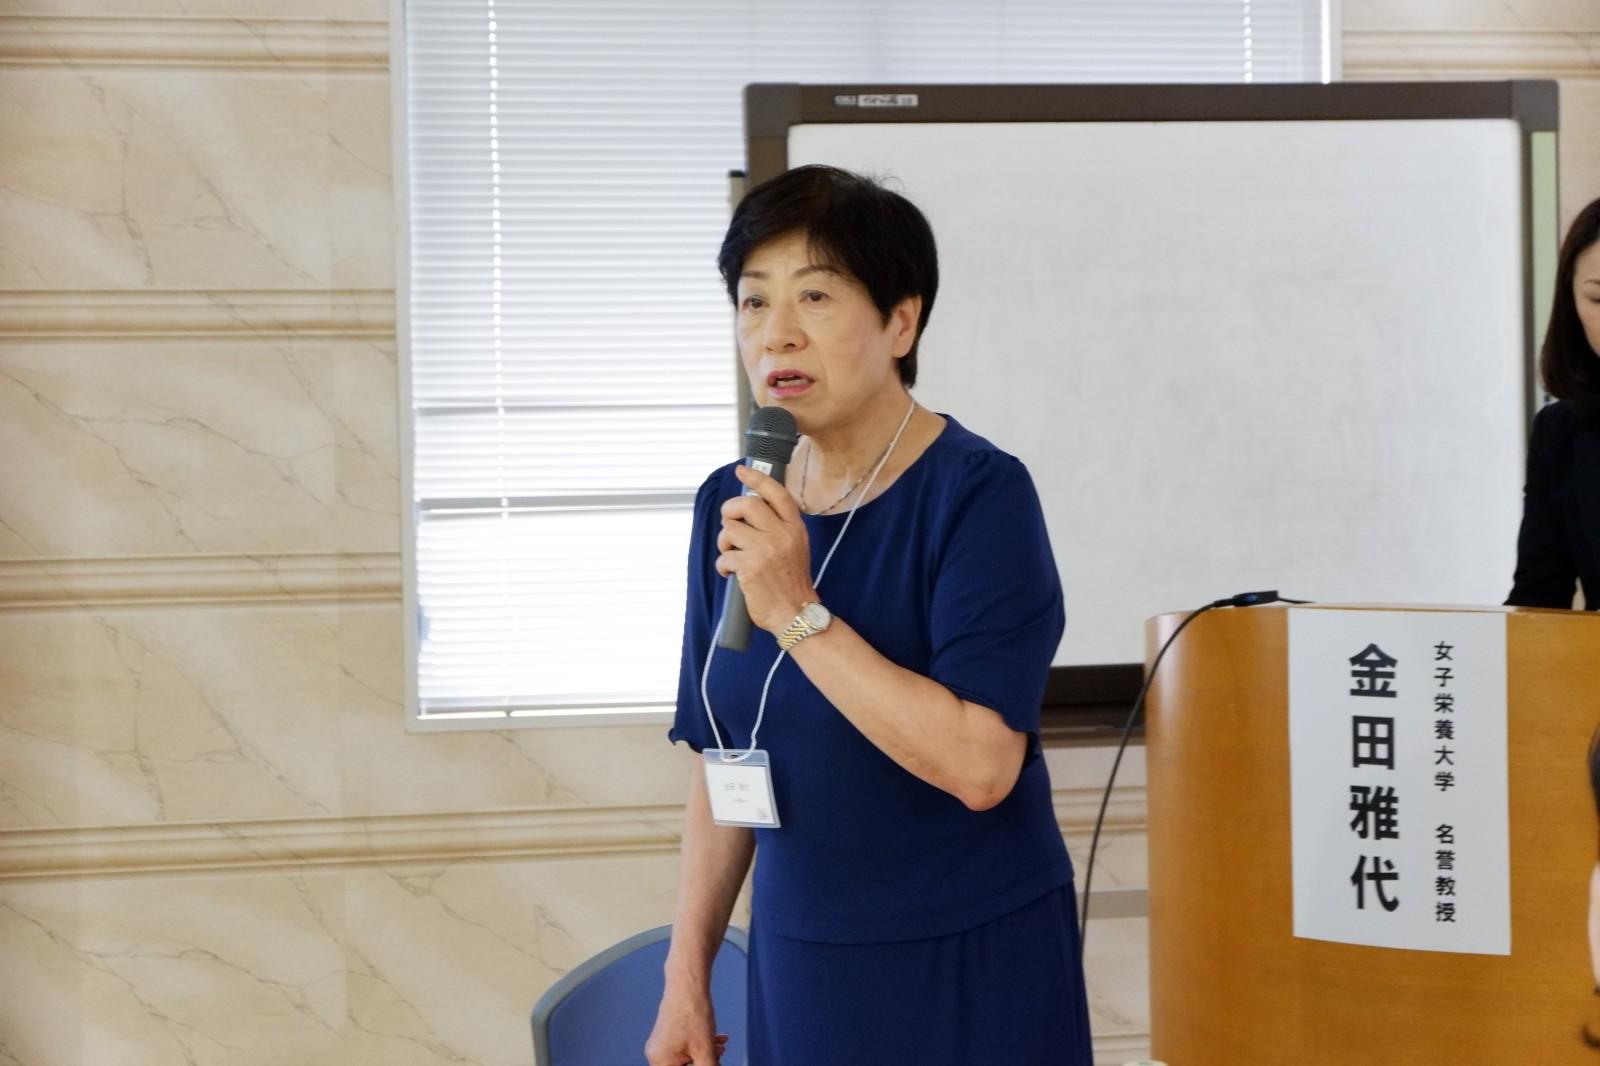 「食育に大きな役割」 名古屋で栄養教諭、学校栄養職員向け冷凍食品研修会(日本教育新聞、冷食協)